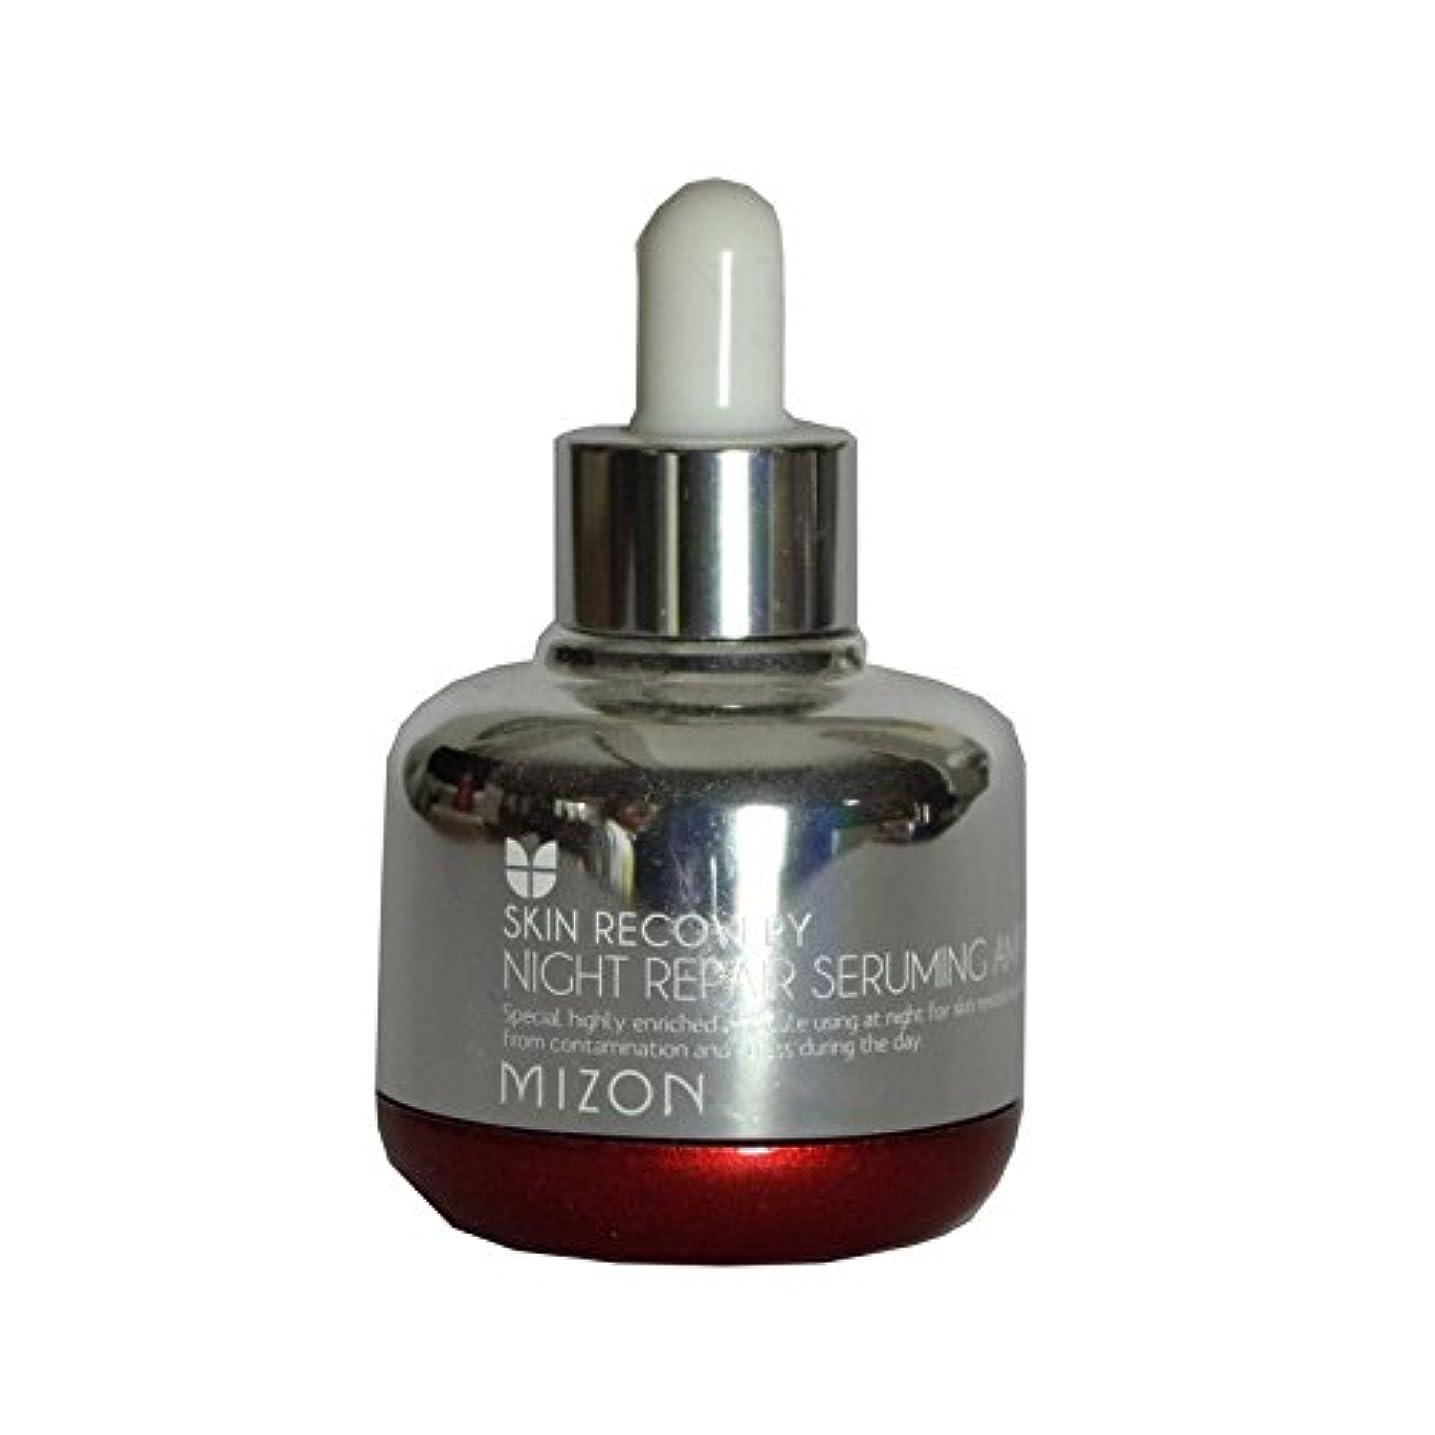 ほんのバッテリーヨーロッパアンプルを ナイトリペア x2 - Mizon Night Repair Seruming Ampoule (Pack of 2) [並行輸入品]